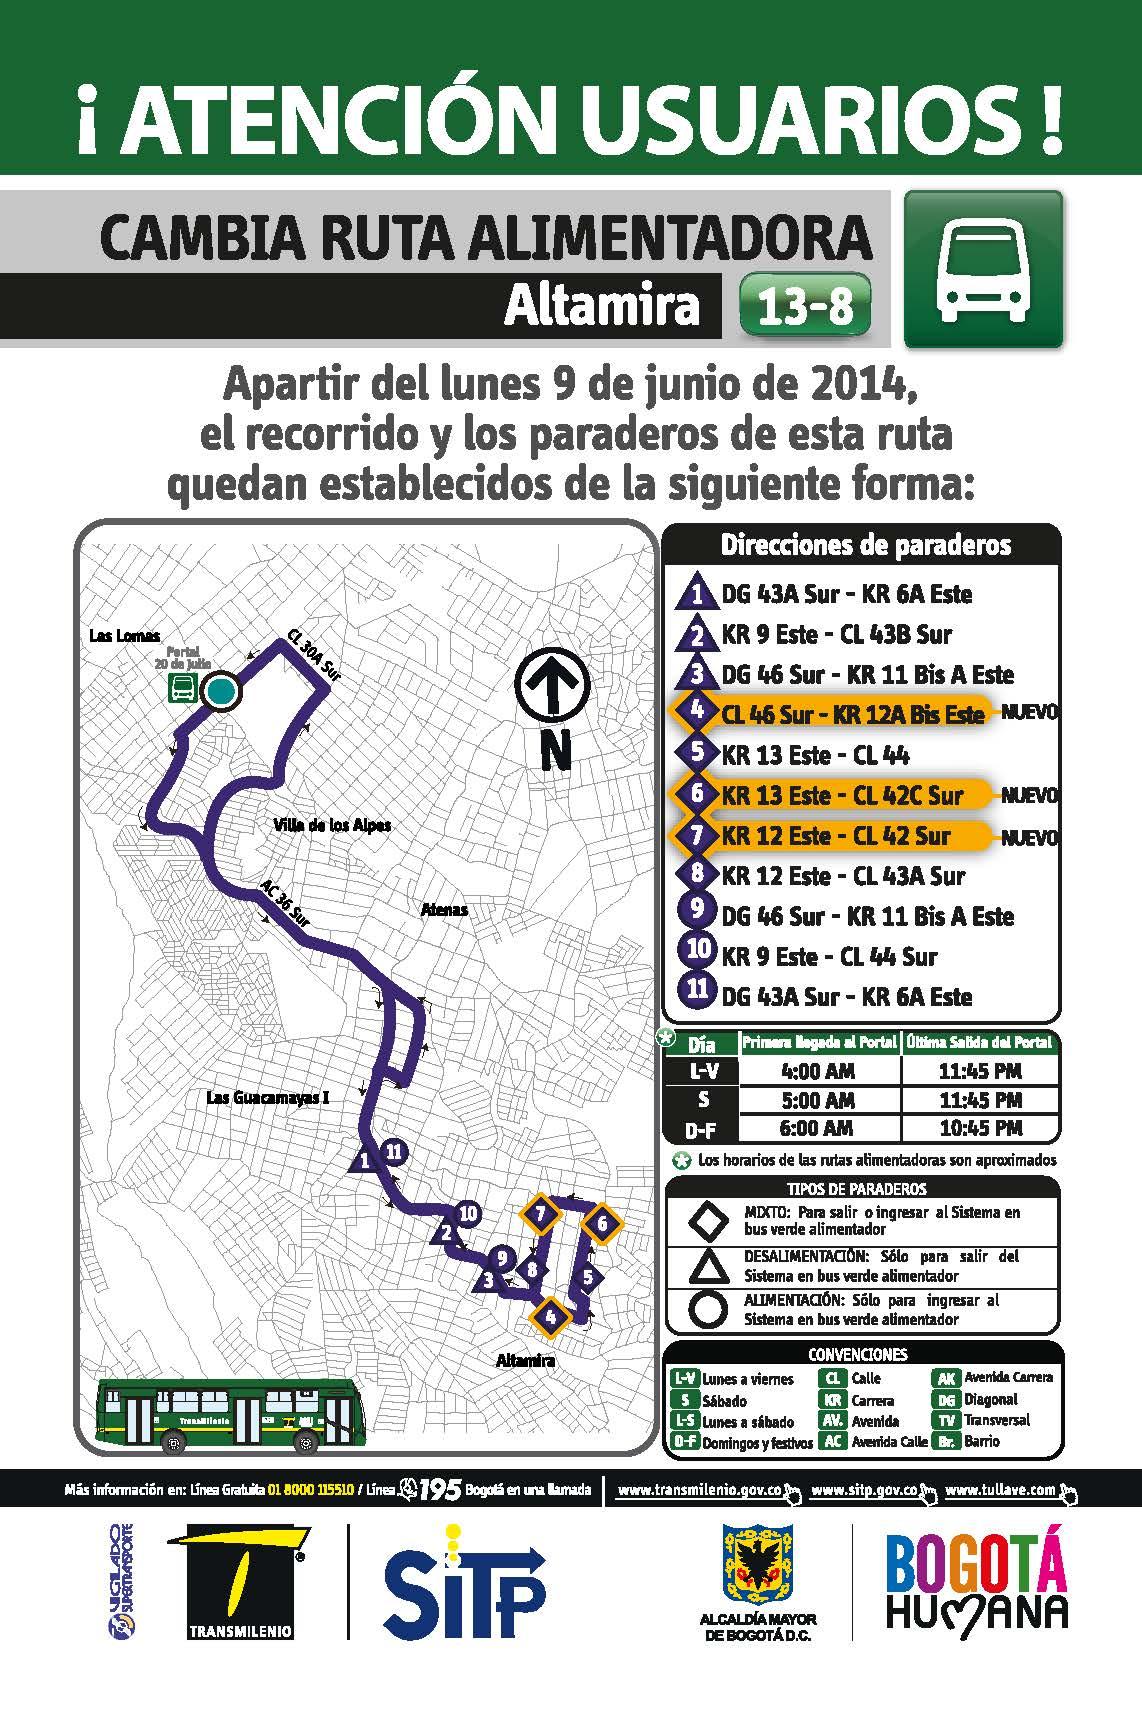 Nuevo recorrido alimentador 13-8 Altamira